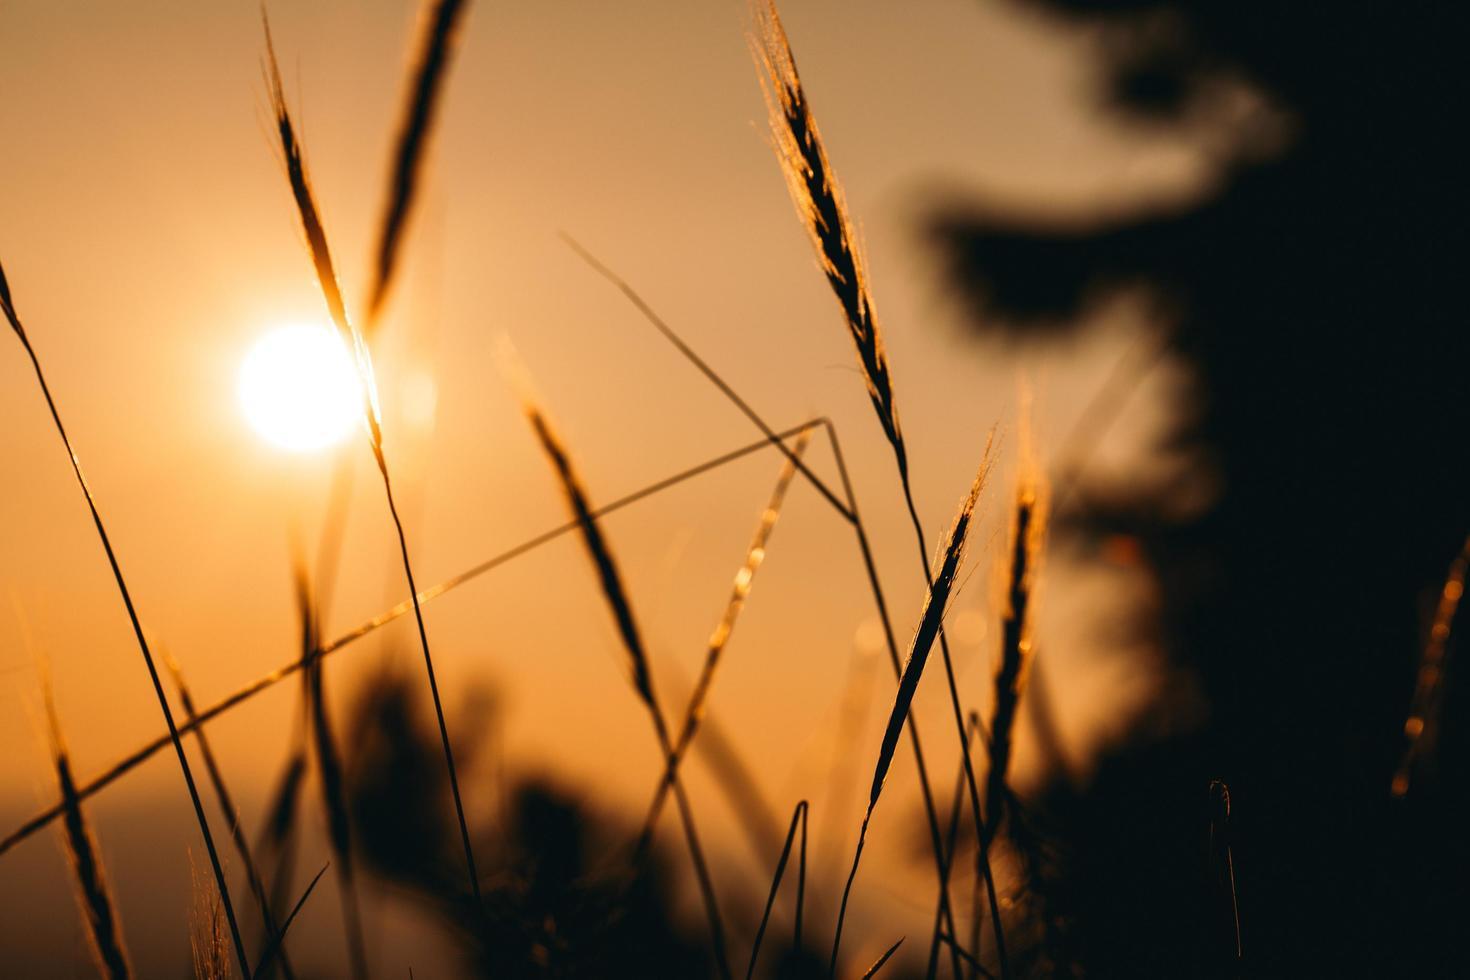 brauner Weizen während der goldenen Stunde foto